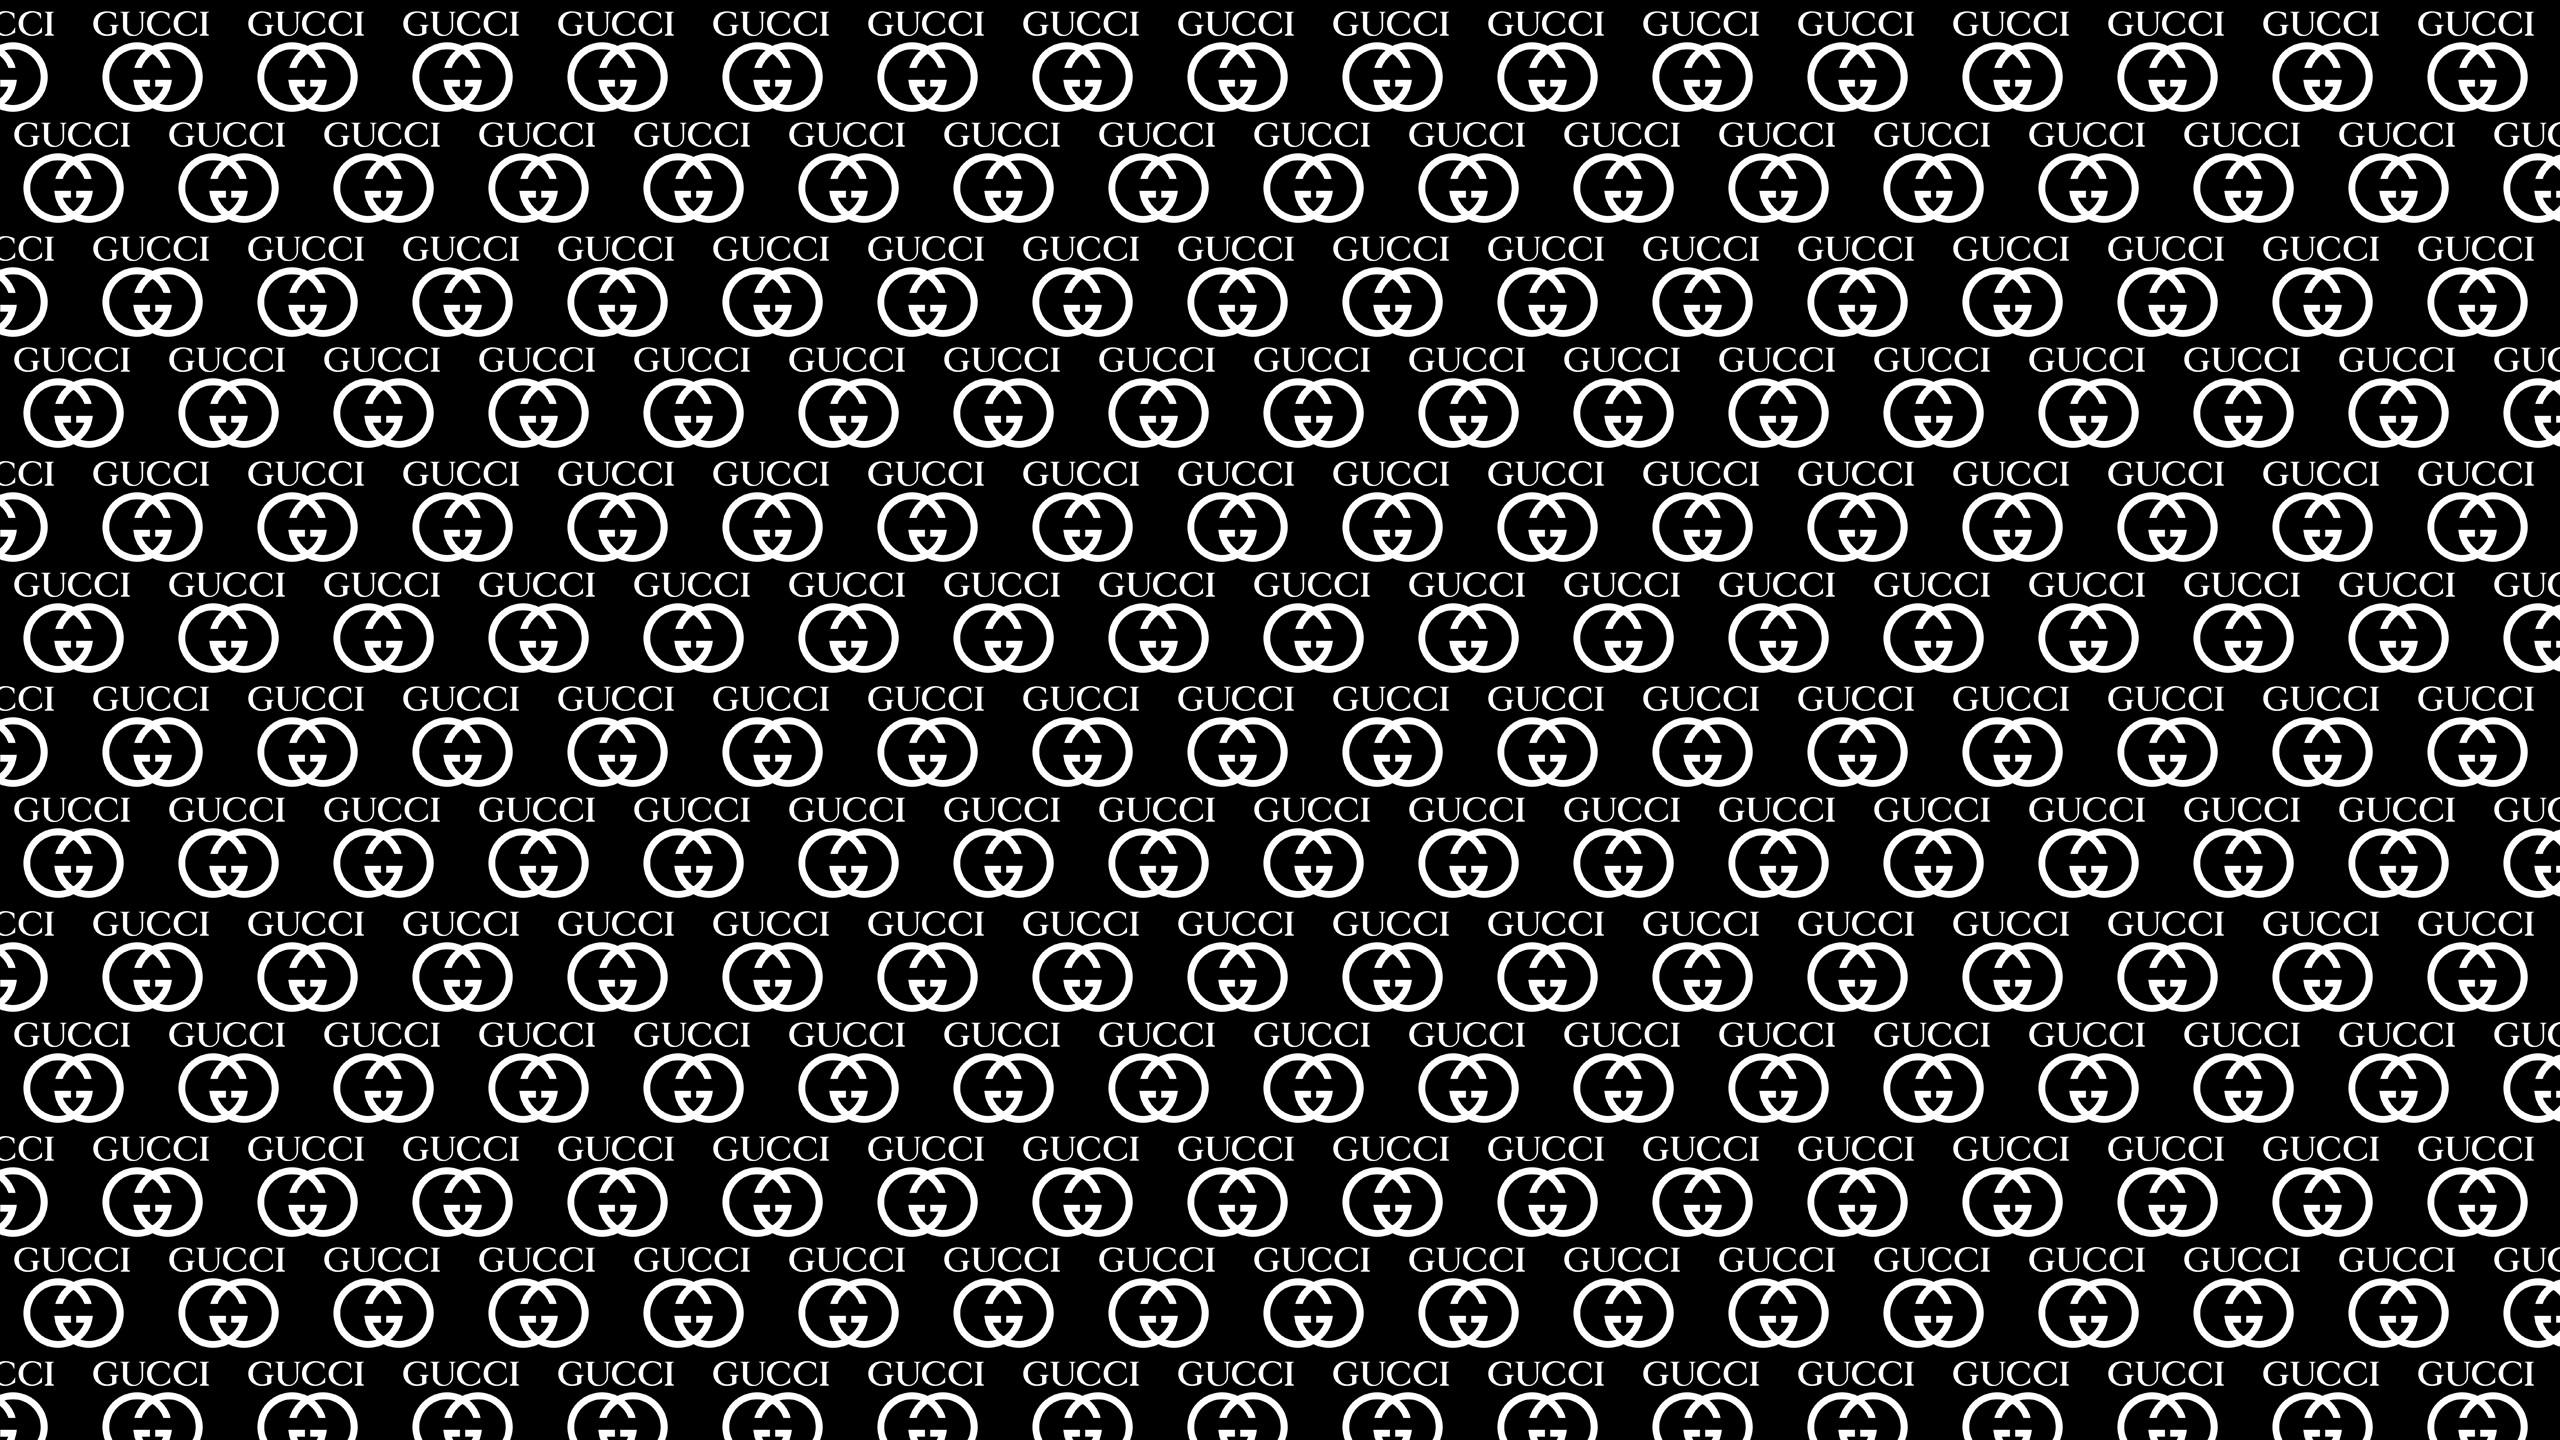 Goyard Wallpaper Iphone 6 Goyard Wallpapers 48 Images